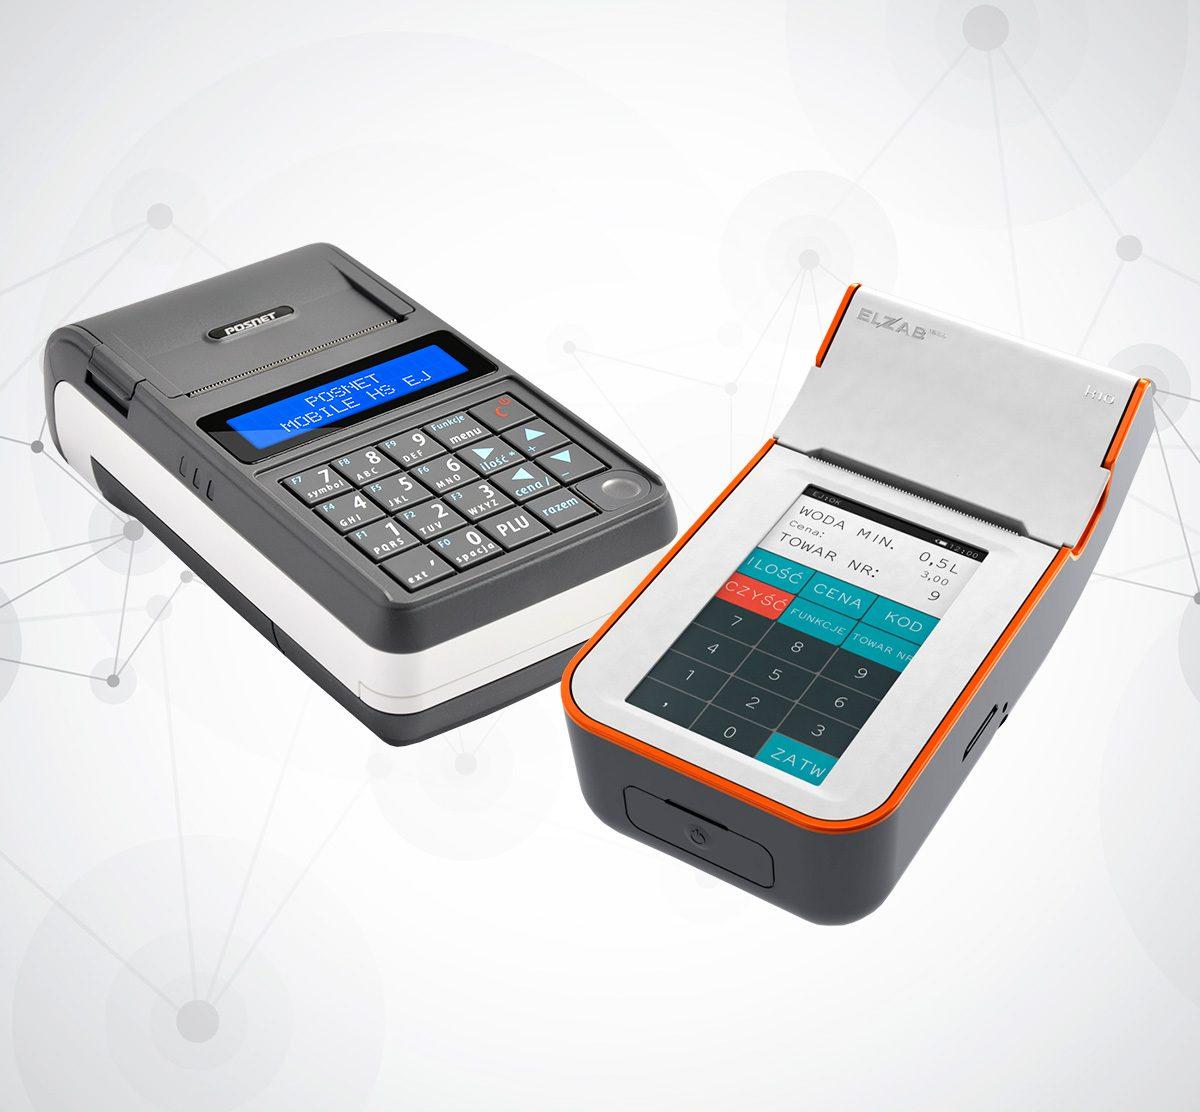 Co charakteryzuje mobilne kasy fiskalne